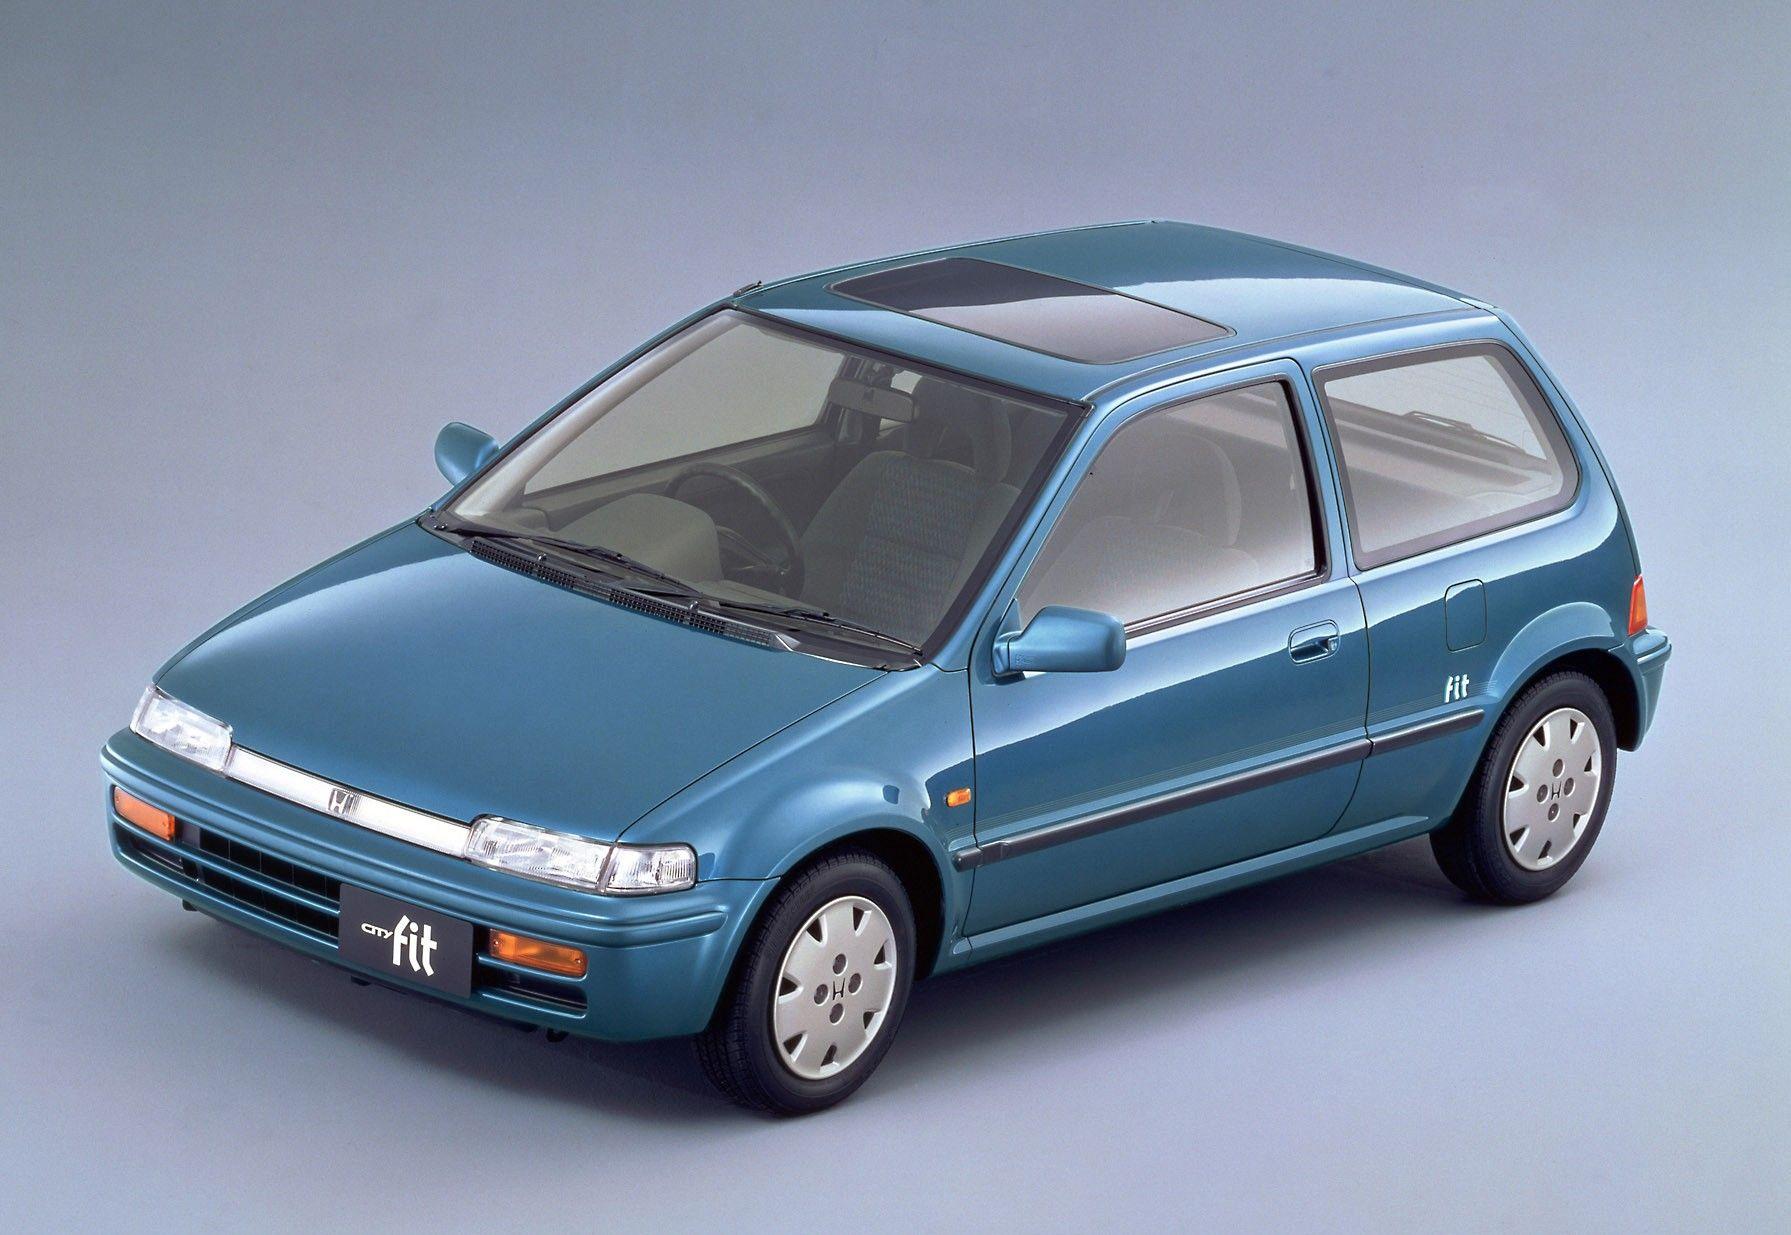 Honda City CE Fit '02.1989-93 | Honda city, Honda, Car